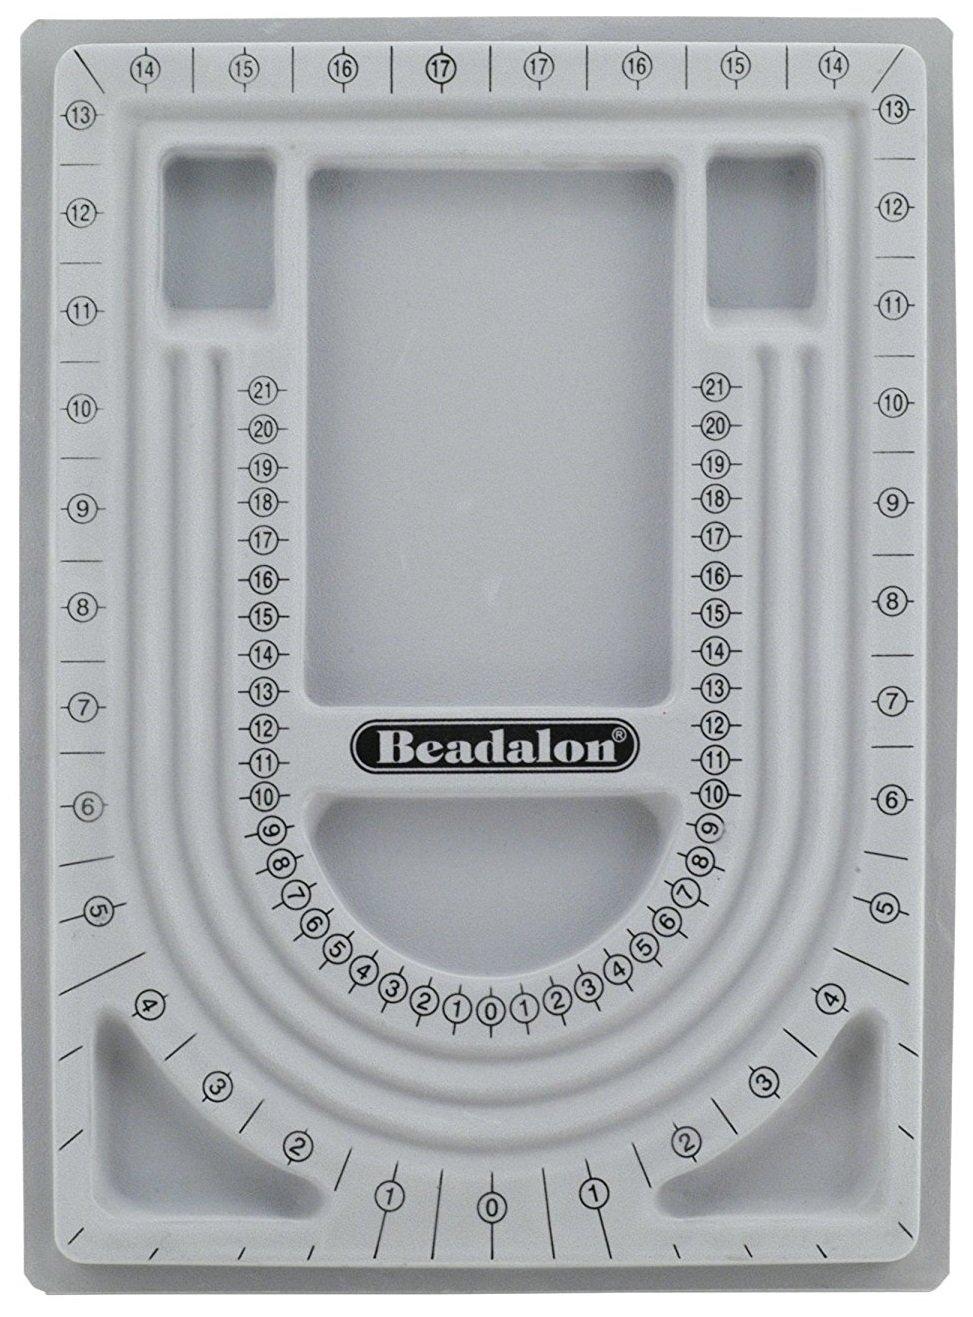 Beadalon Bead Board 34-Inch